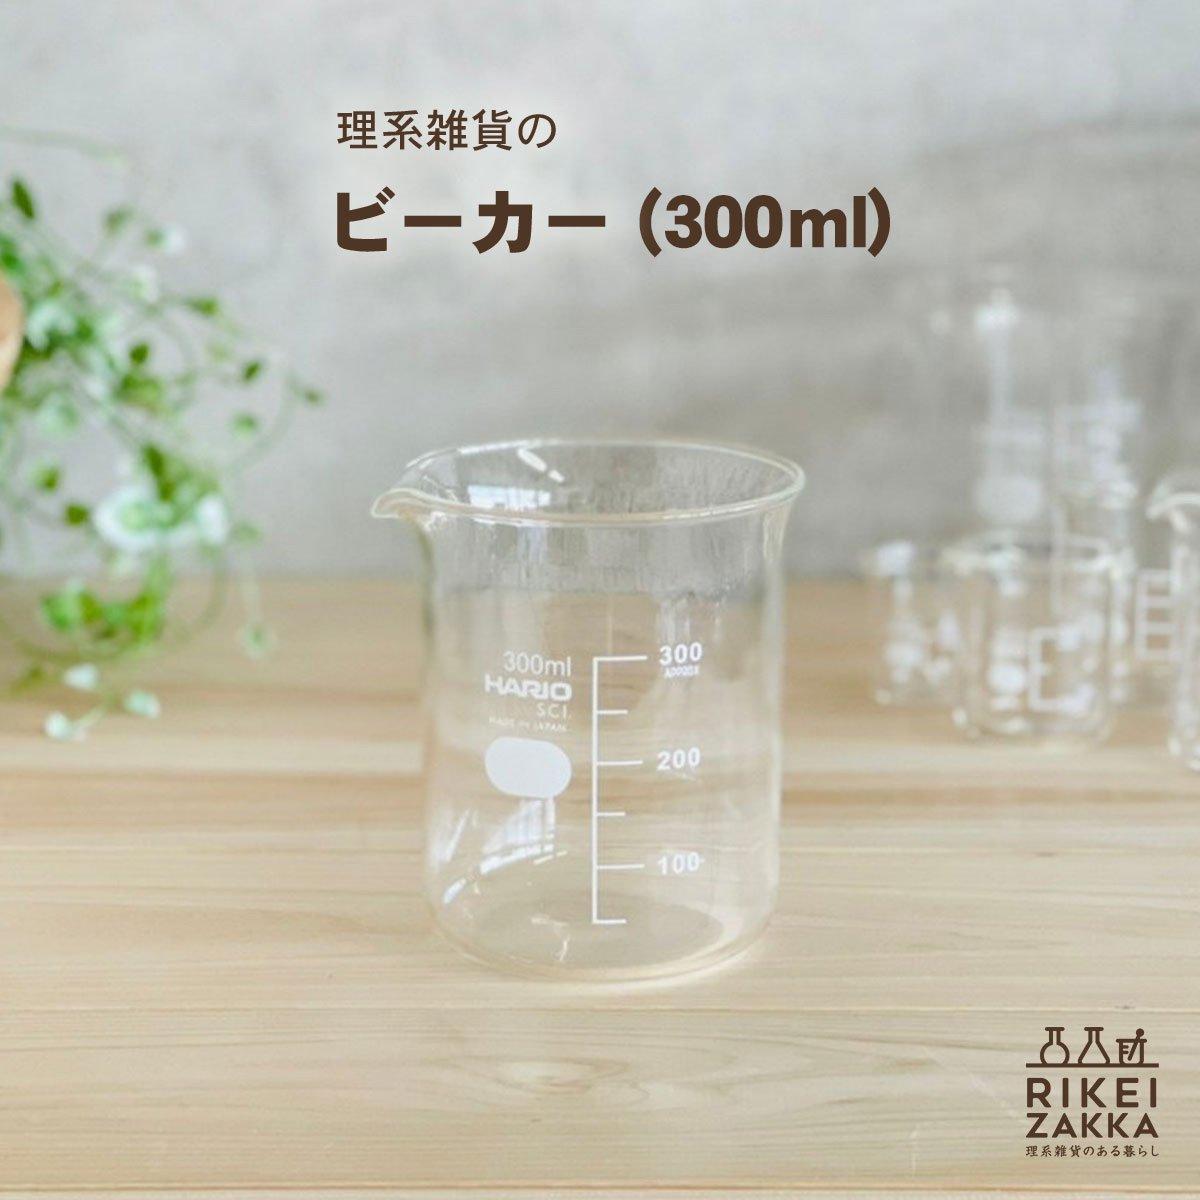 ビーカー  300ml